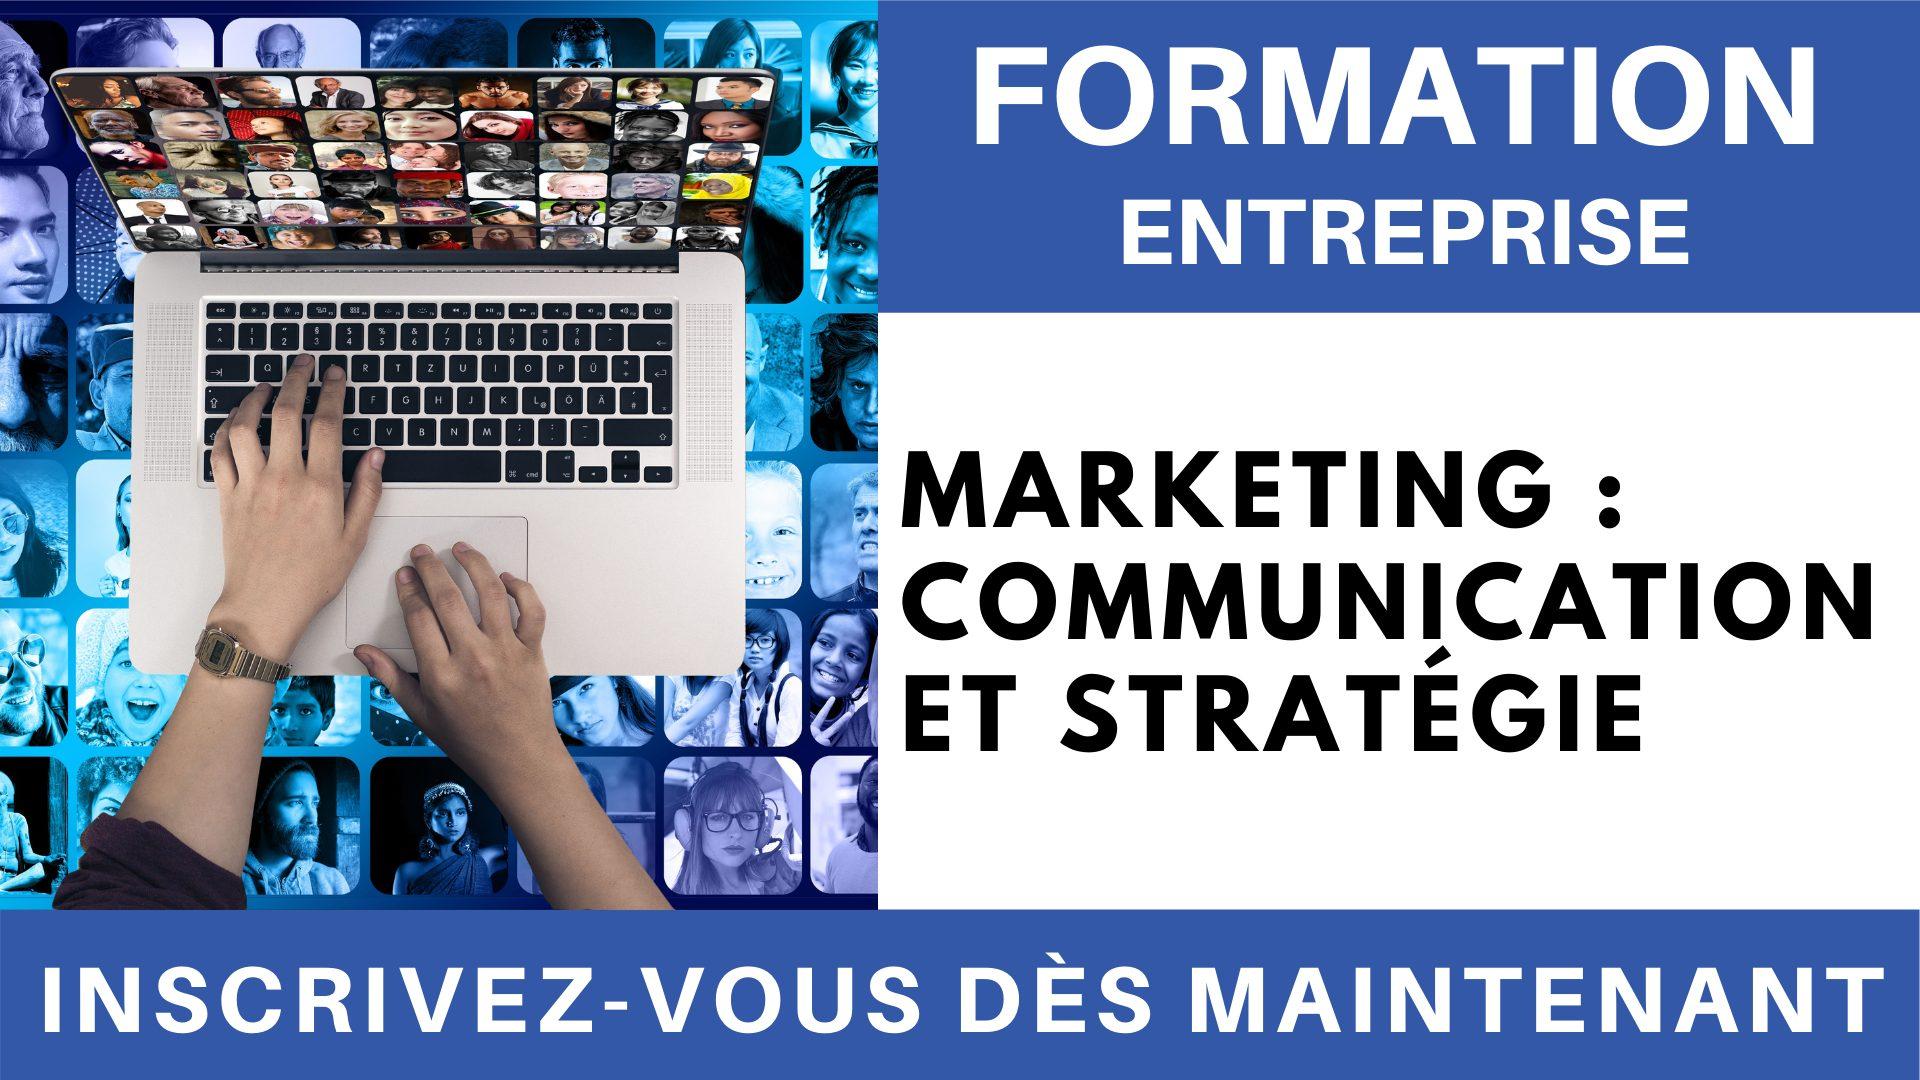 Formation Entreprise - Marketing - Communication et stratégie